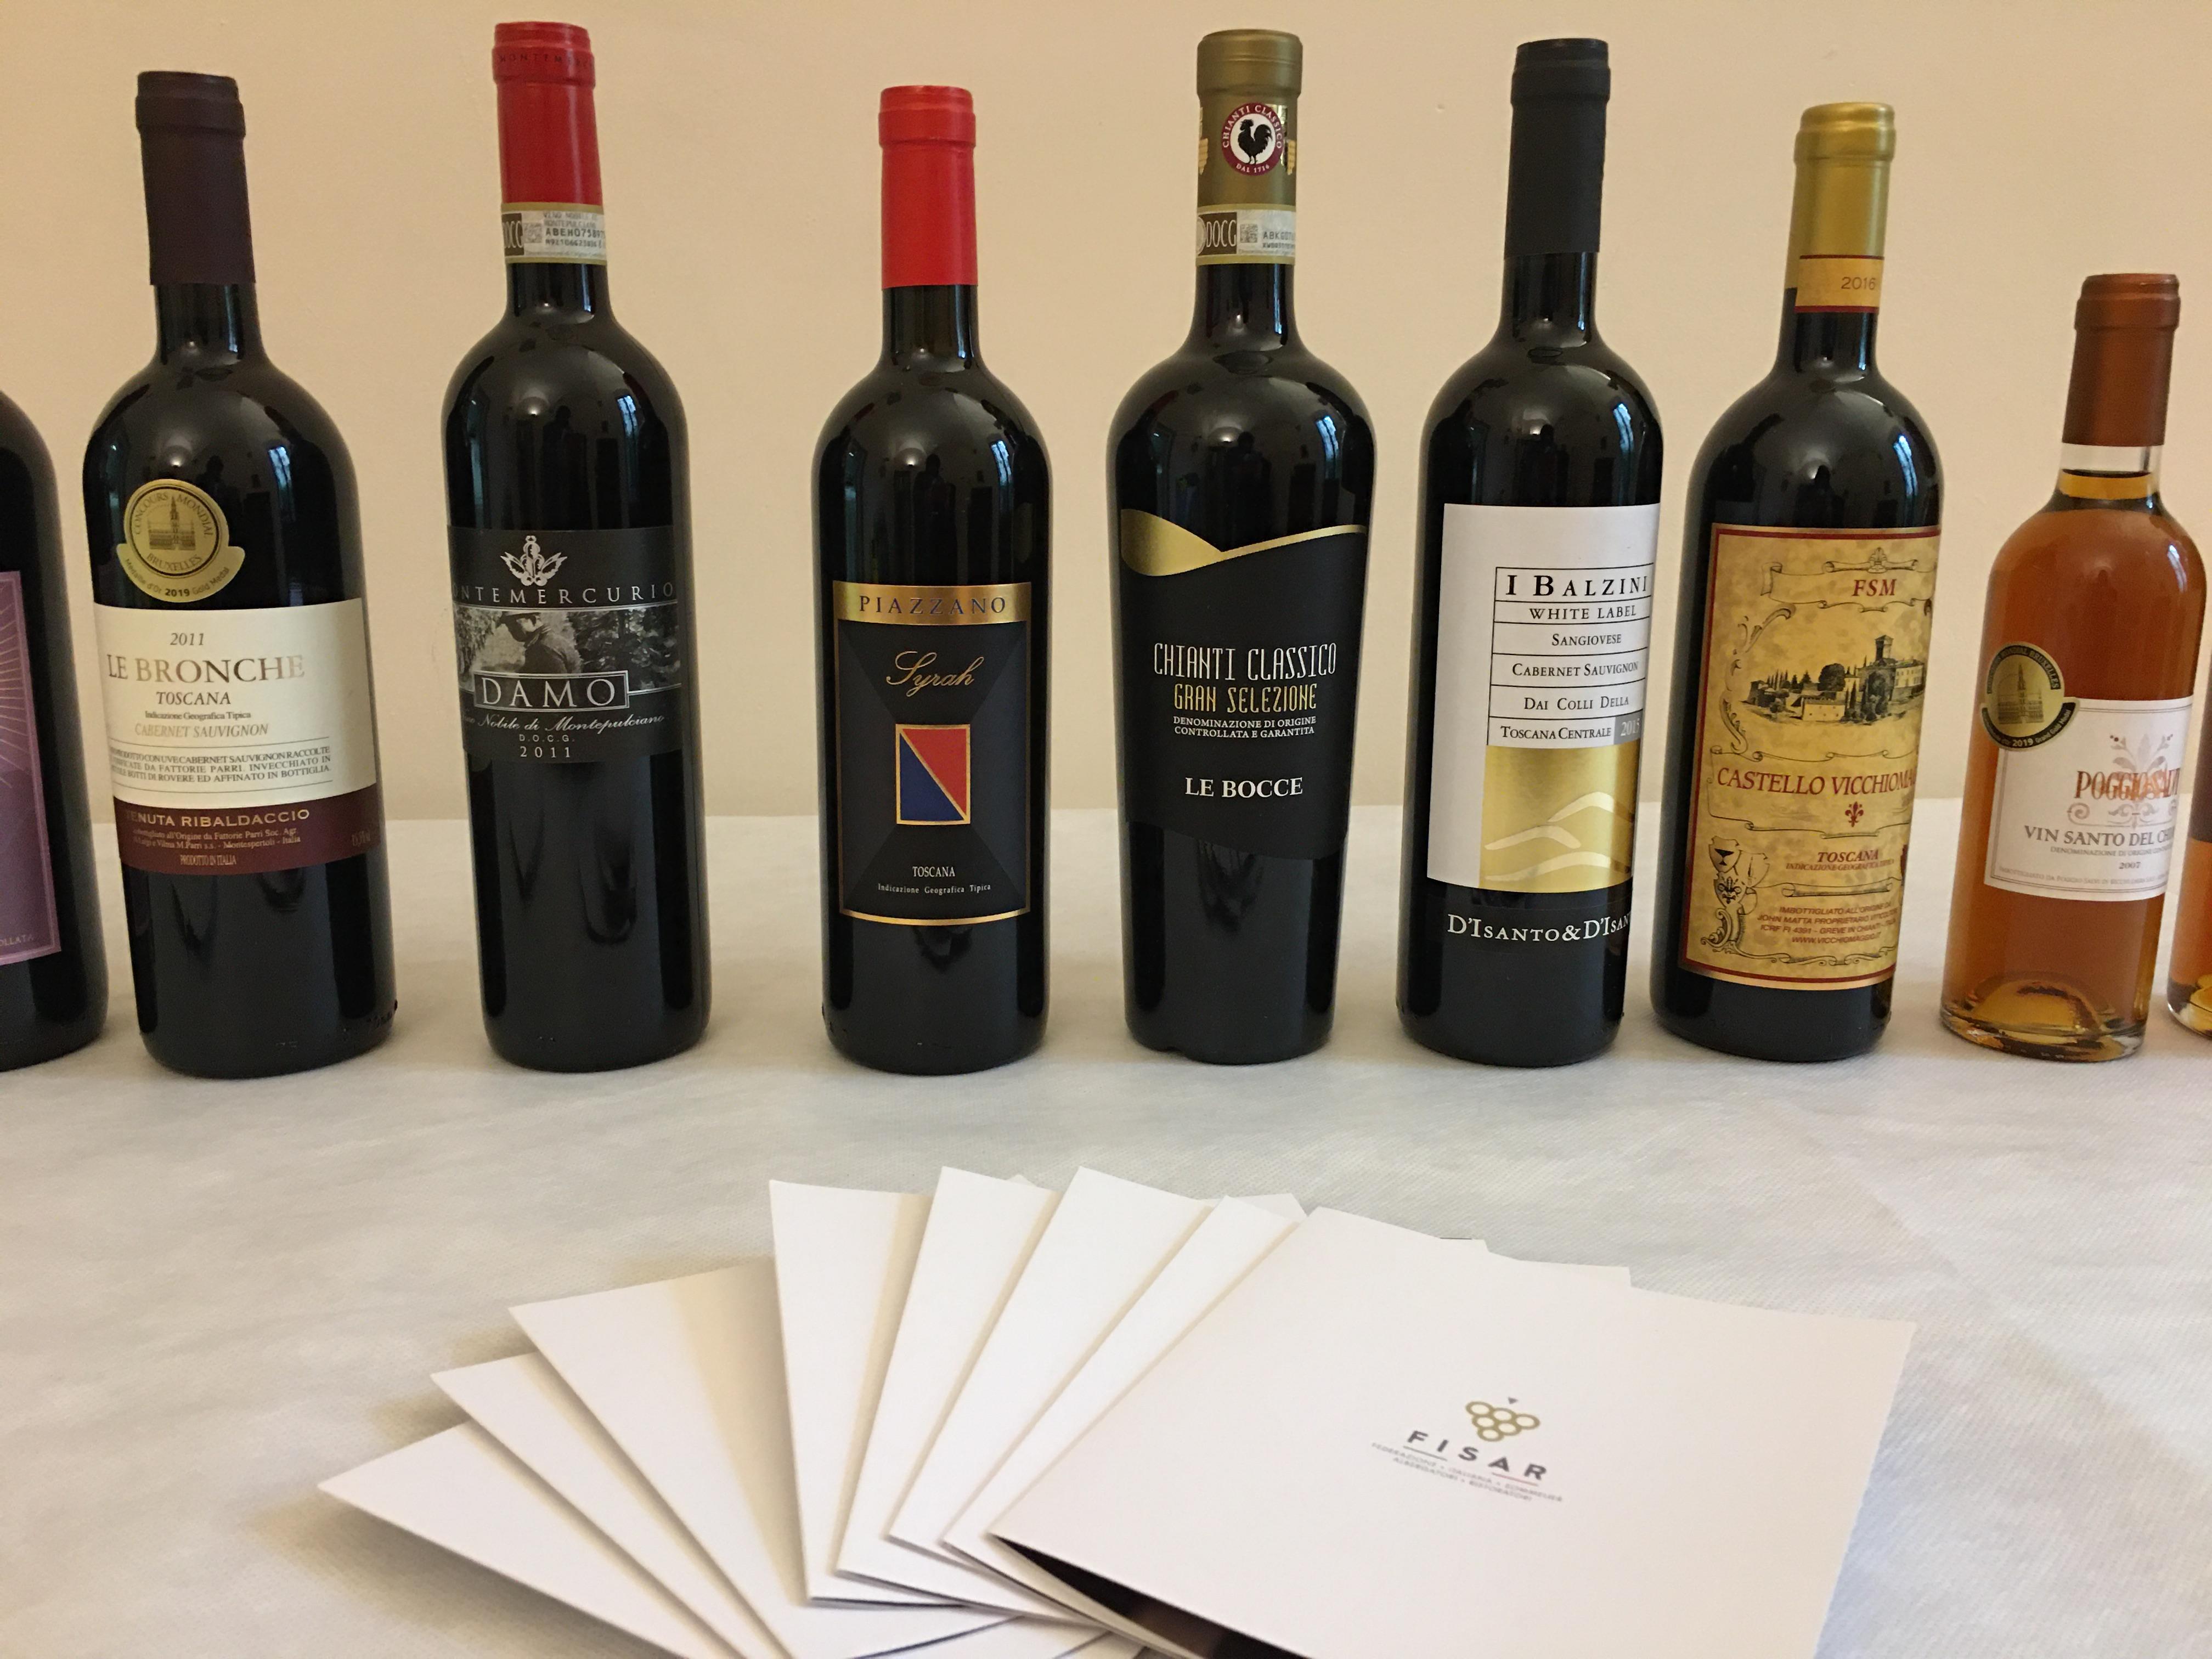 Bottiglie di vino della Toscana: Buy Wine e Anteprime di Toscana